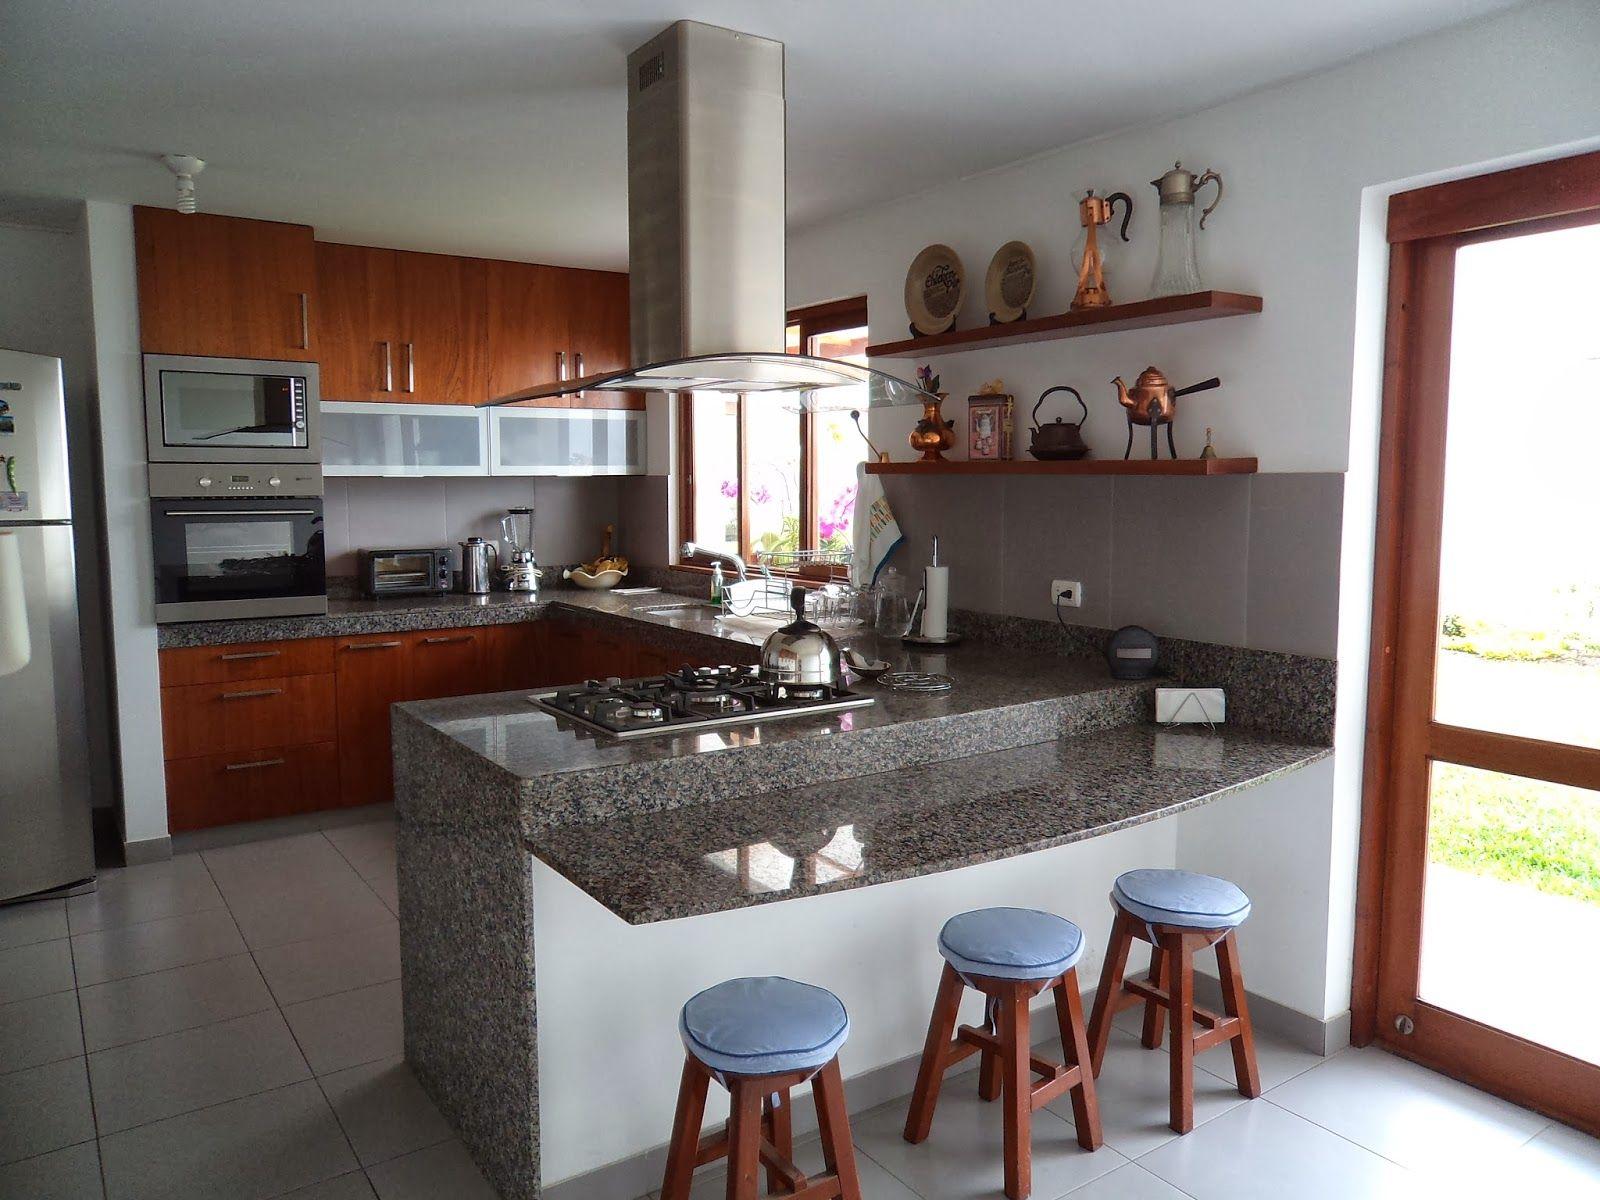 Oniria cocinas cocinas oniria arquitectura for Remodelacion de cocinas pequenas